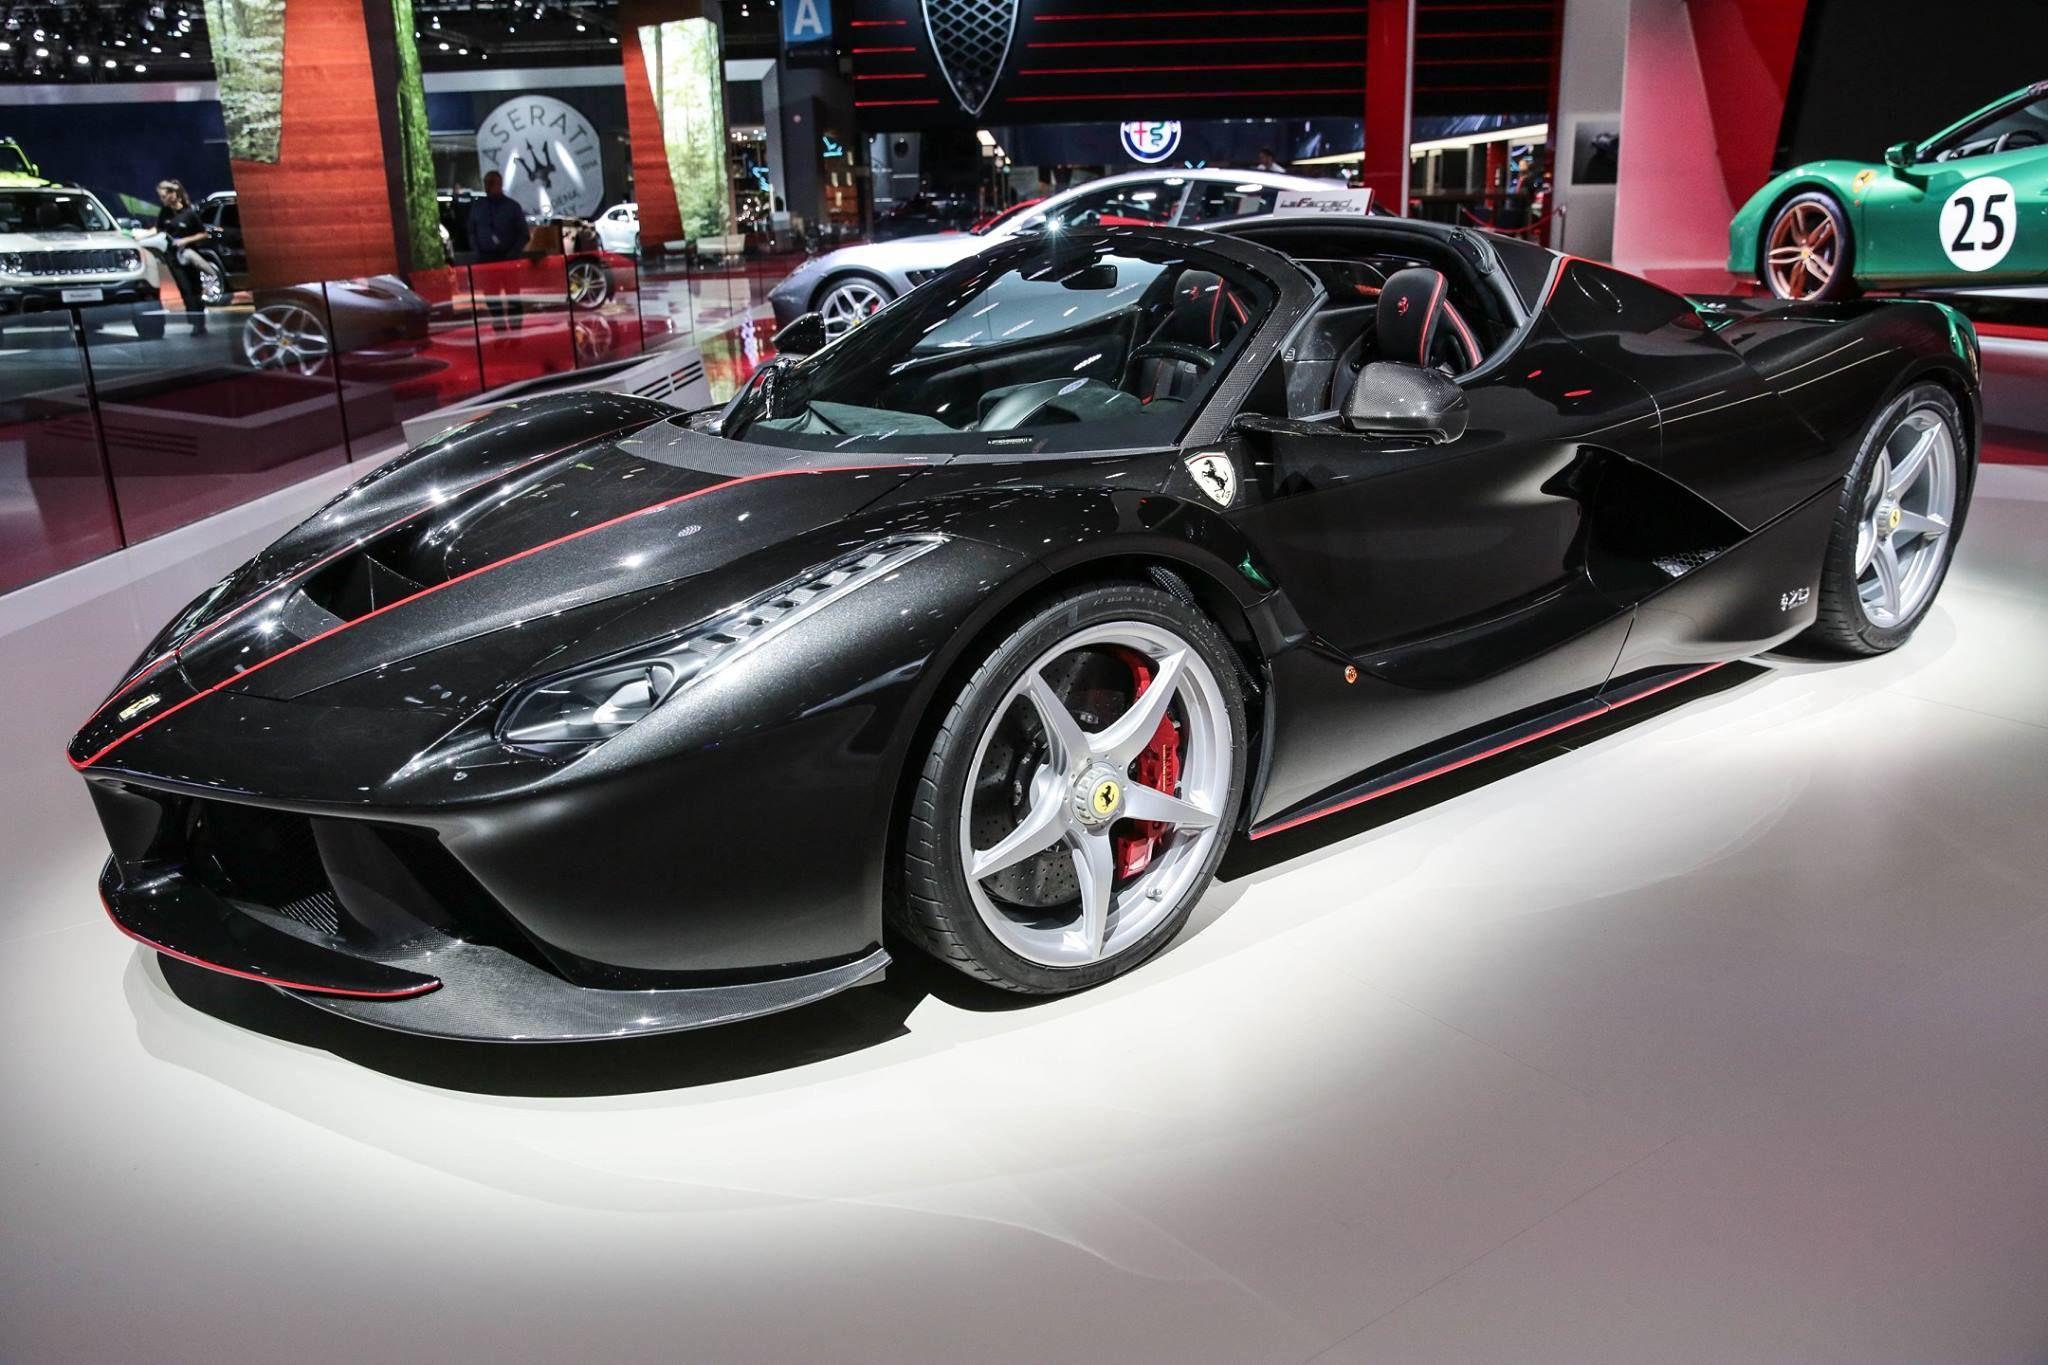 Ferrari Aperta #MondialAuto   Modèle de voiture, Voiture, Mondial de l'automobile